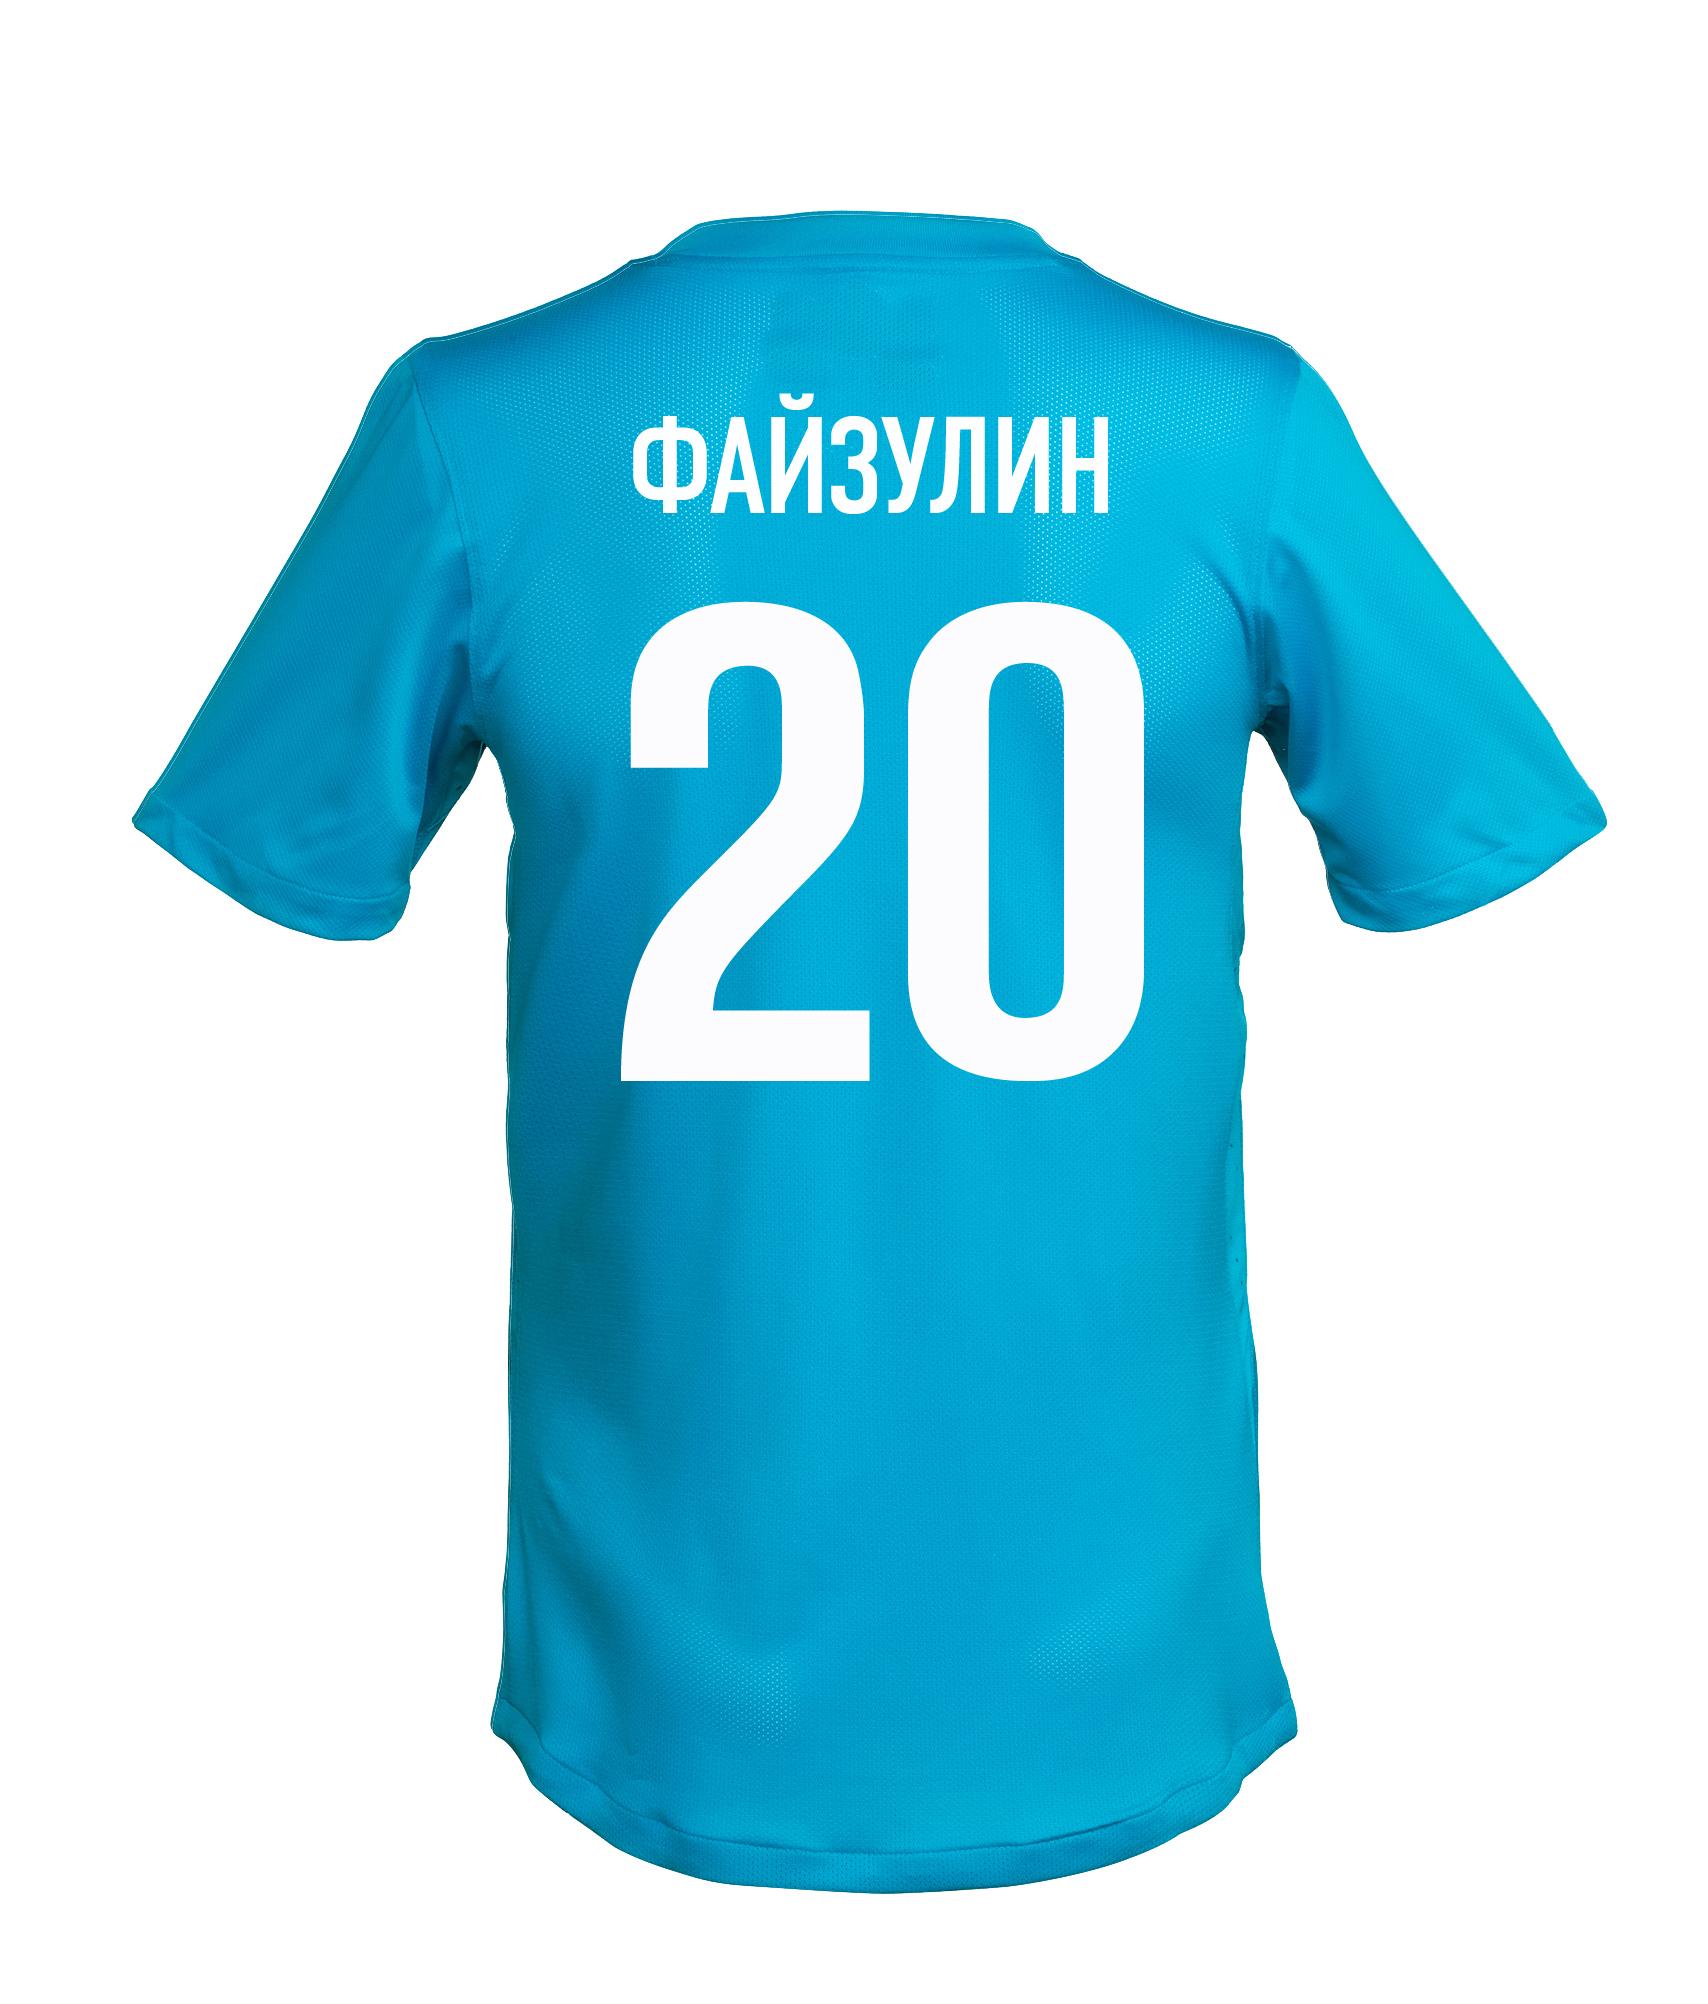 Игровая футболка с фамилией и номером В. Файзулина, Цвет-Синий, Размер-S